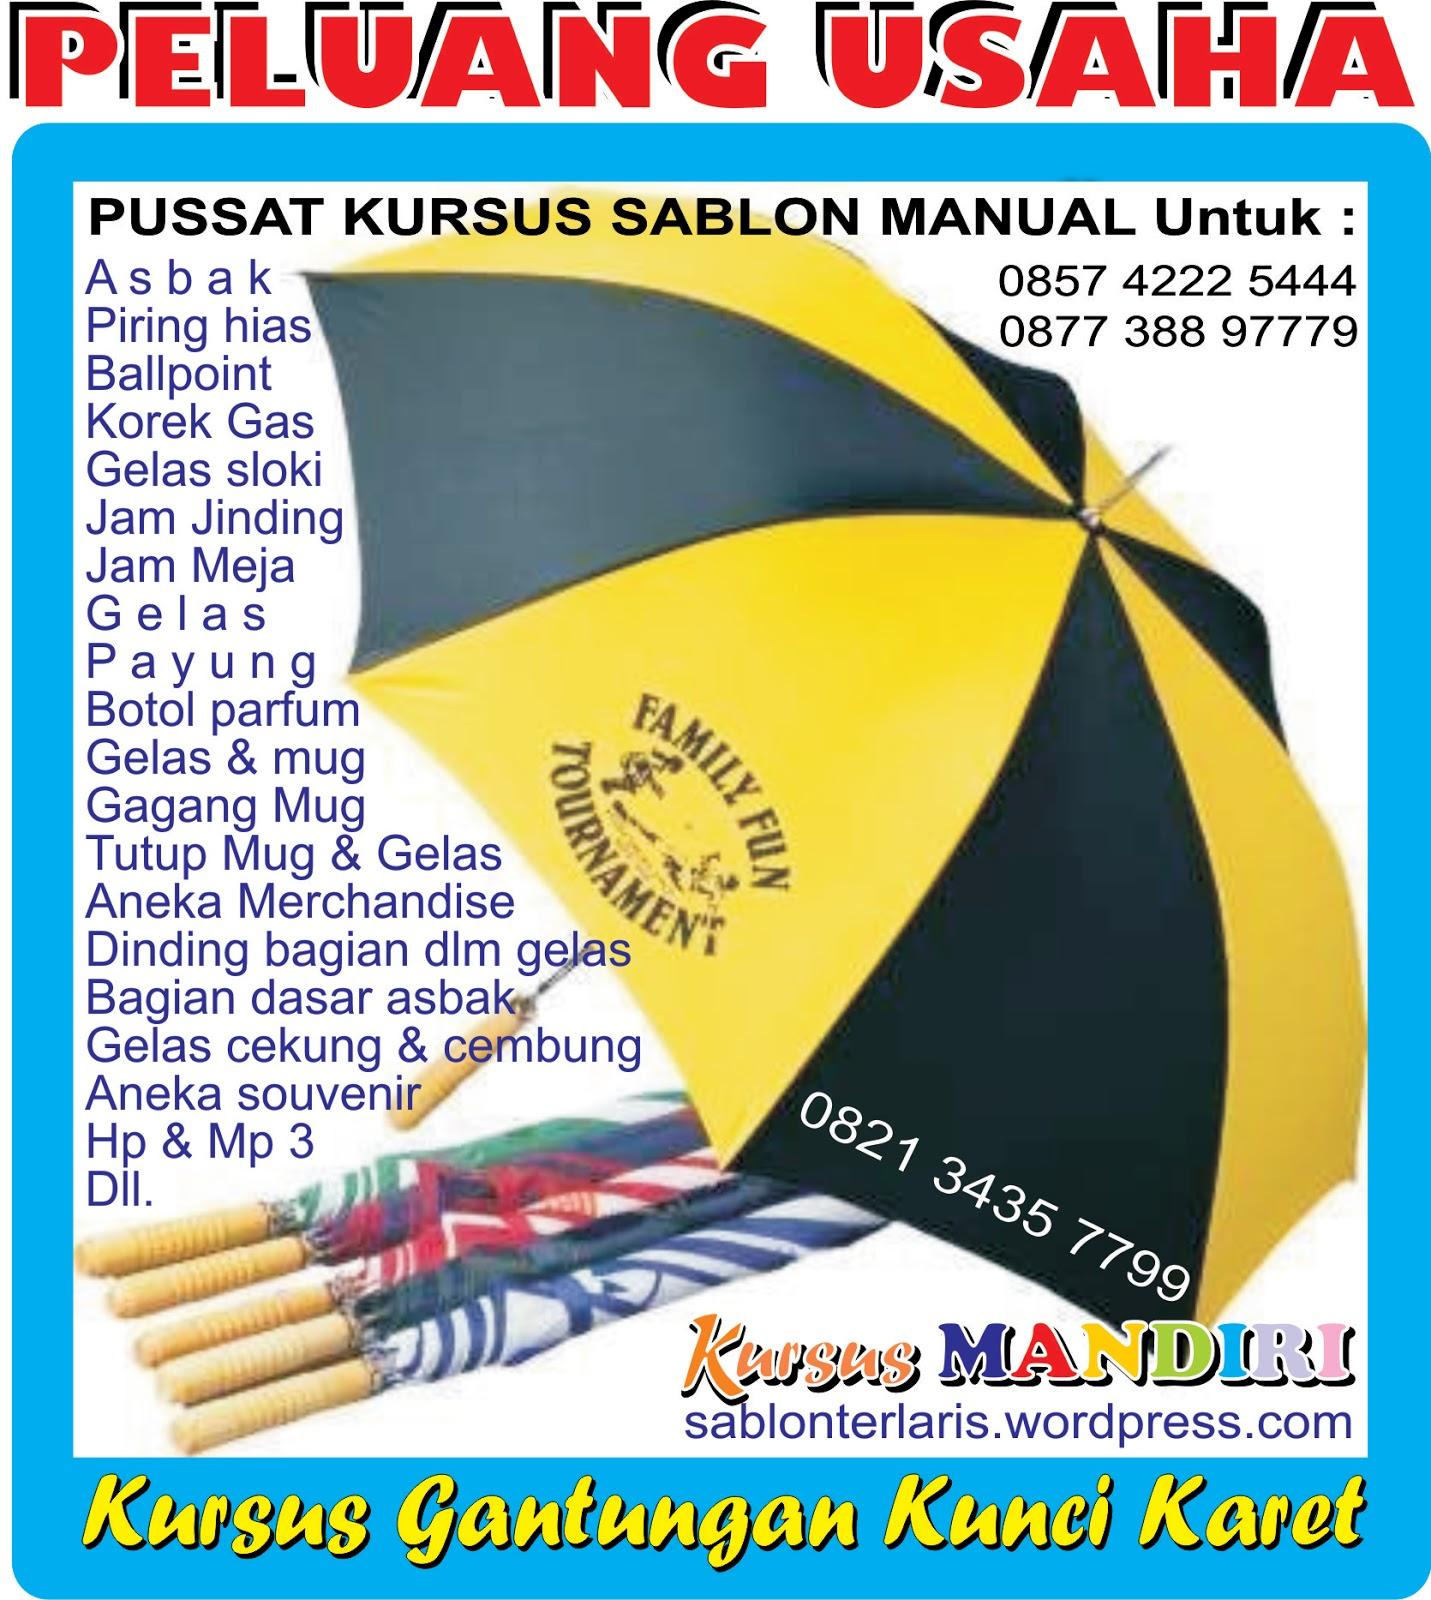 Cover Letter Examples Tamu: Percetakan, Sablon, Offset, Digital Printing, Dll